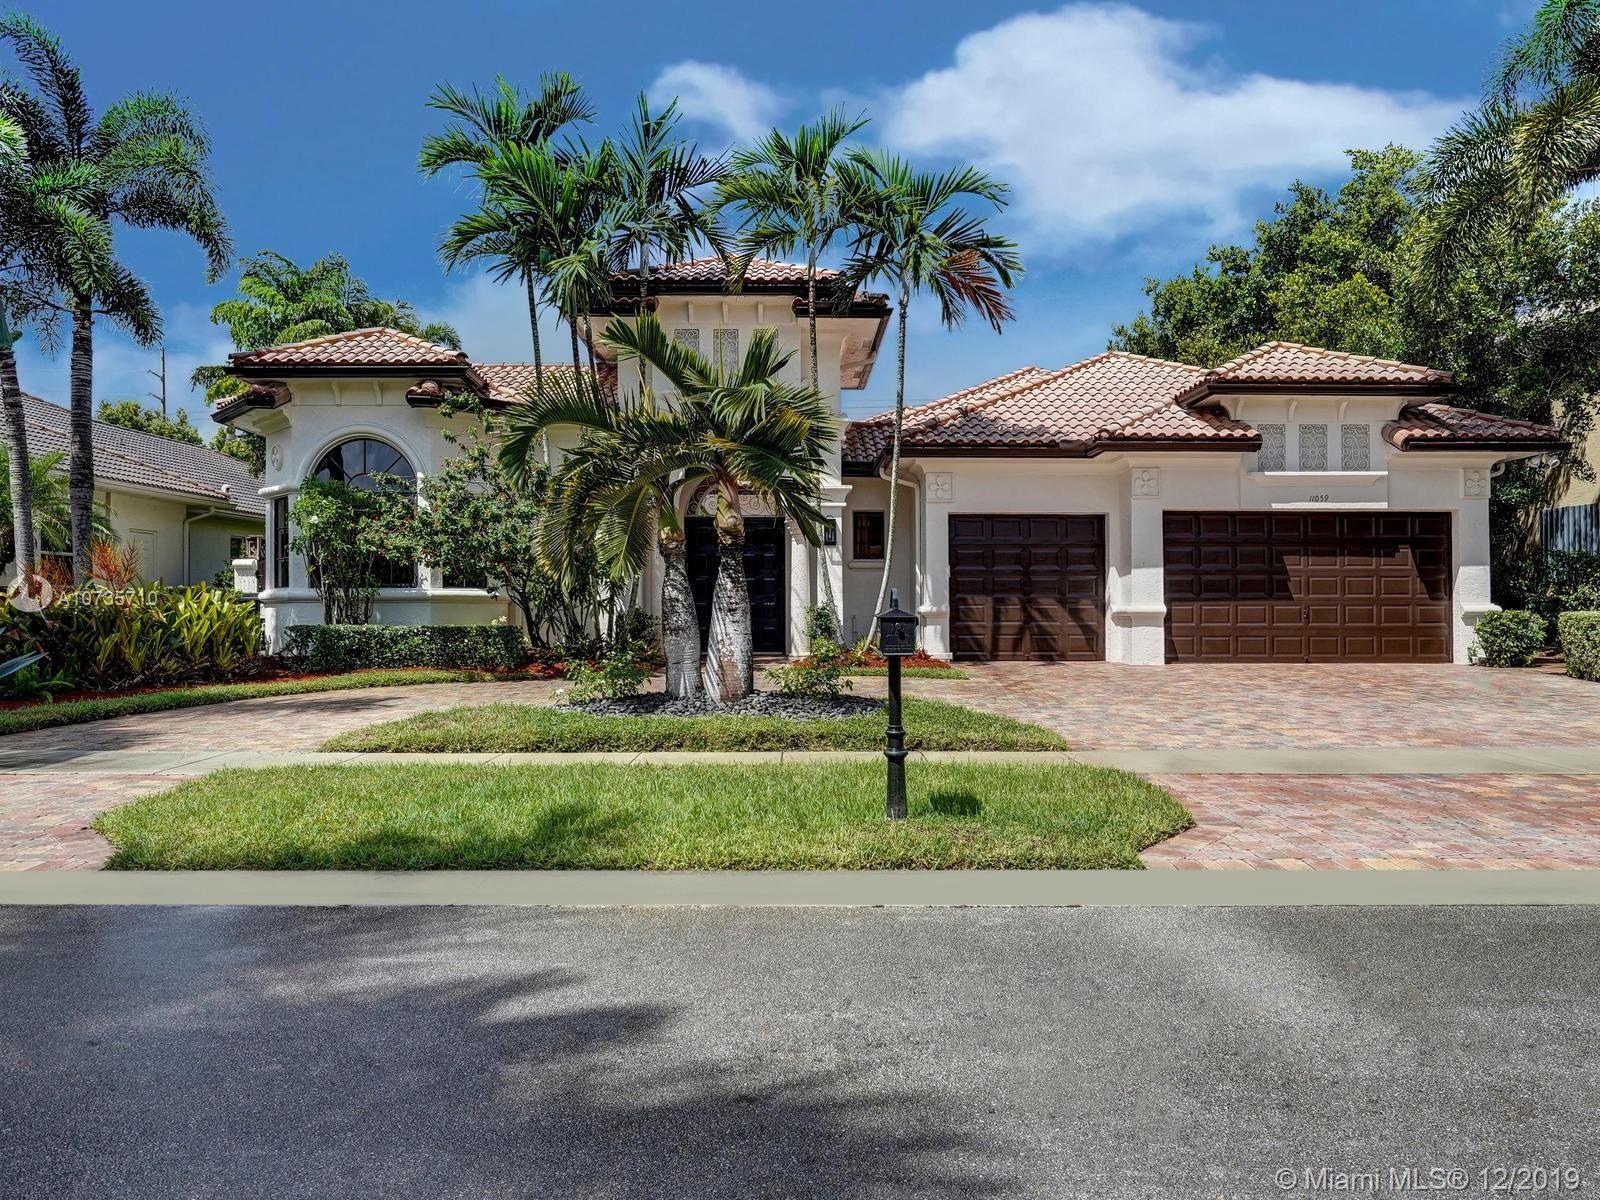 11059 Canary Island Ct, Plantation, FL 33324 - MLS#: A10735710